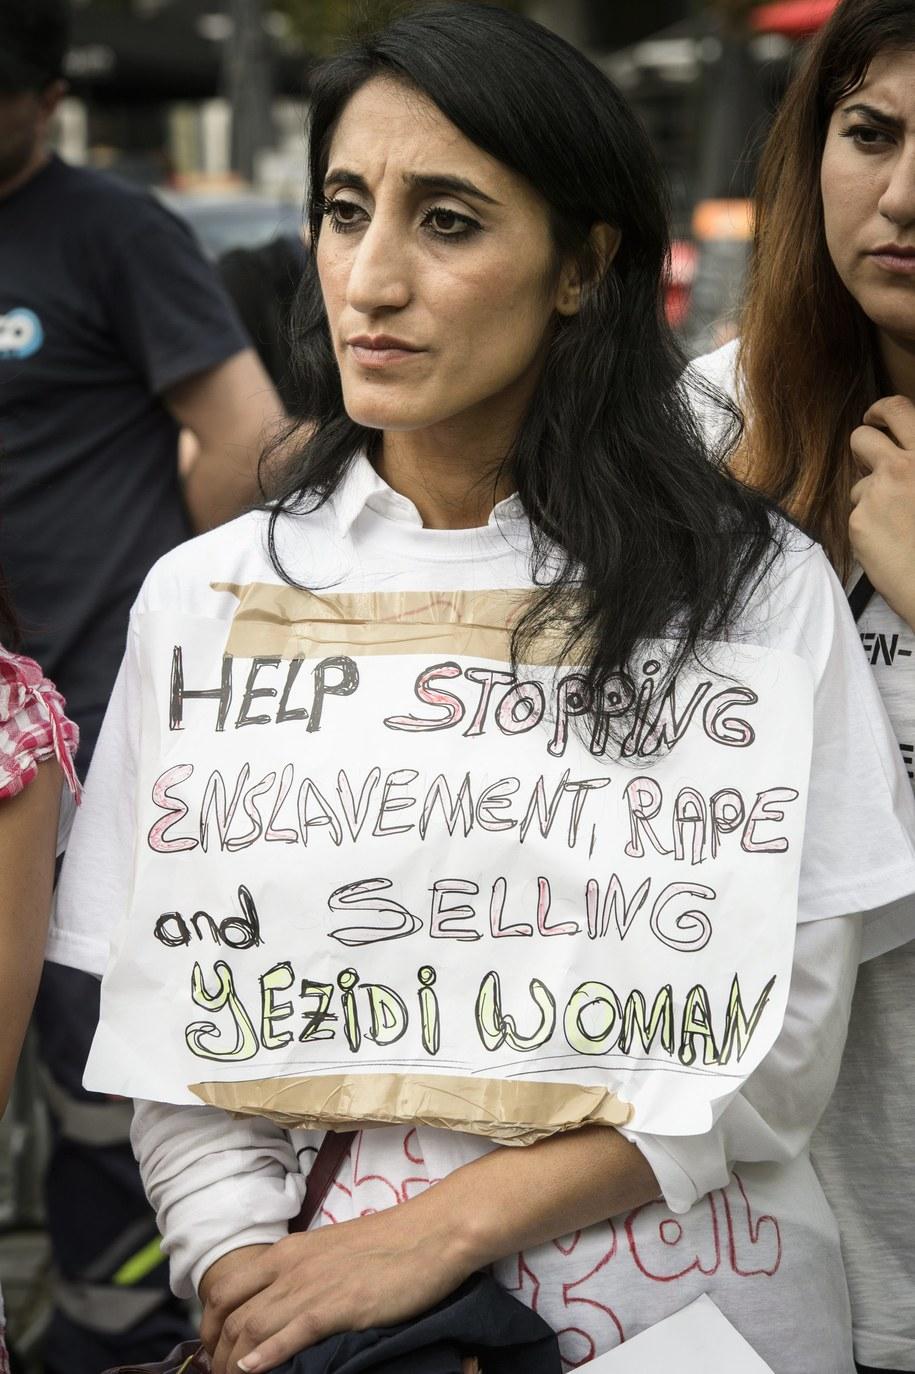 Gehenna ta dotyka setek jazydzkich kobiet /Wiktor Dąbkowski   /PAP/EPA